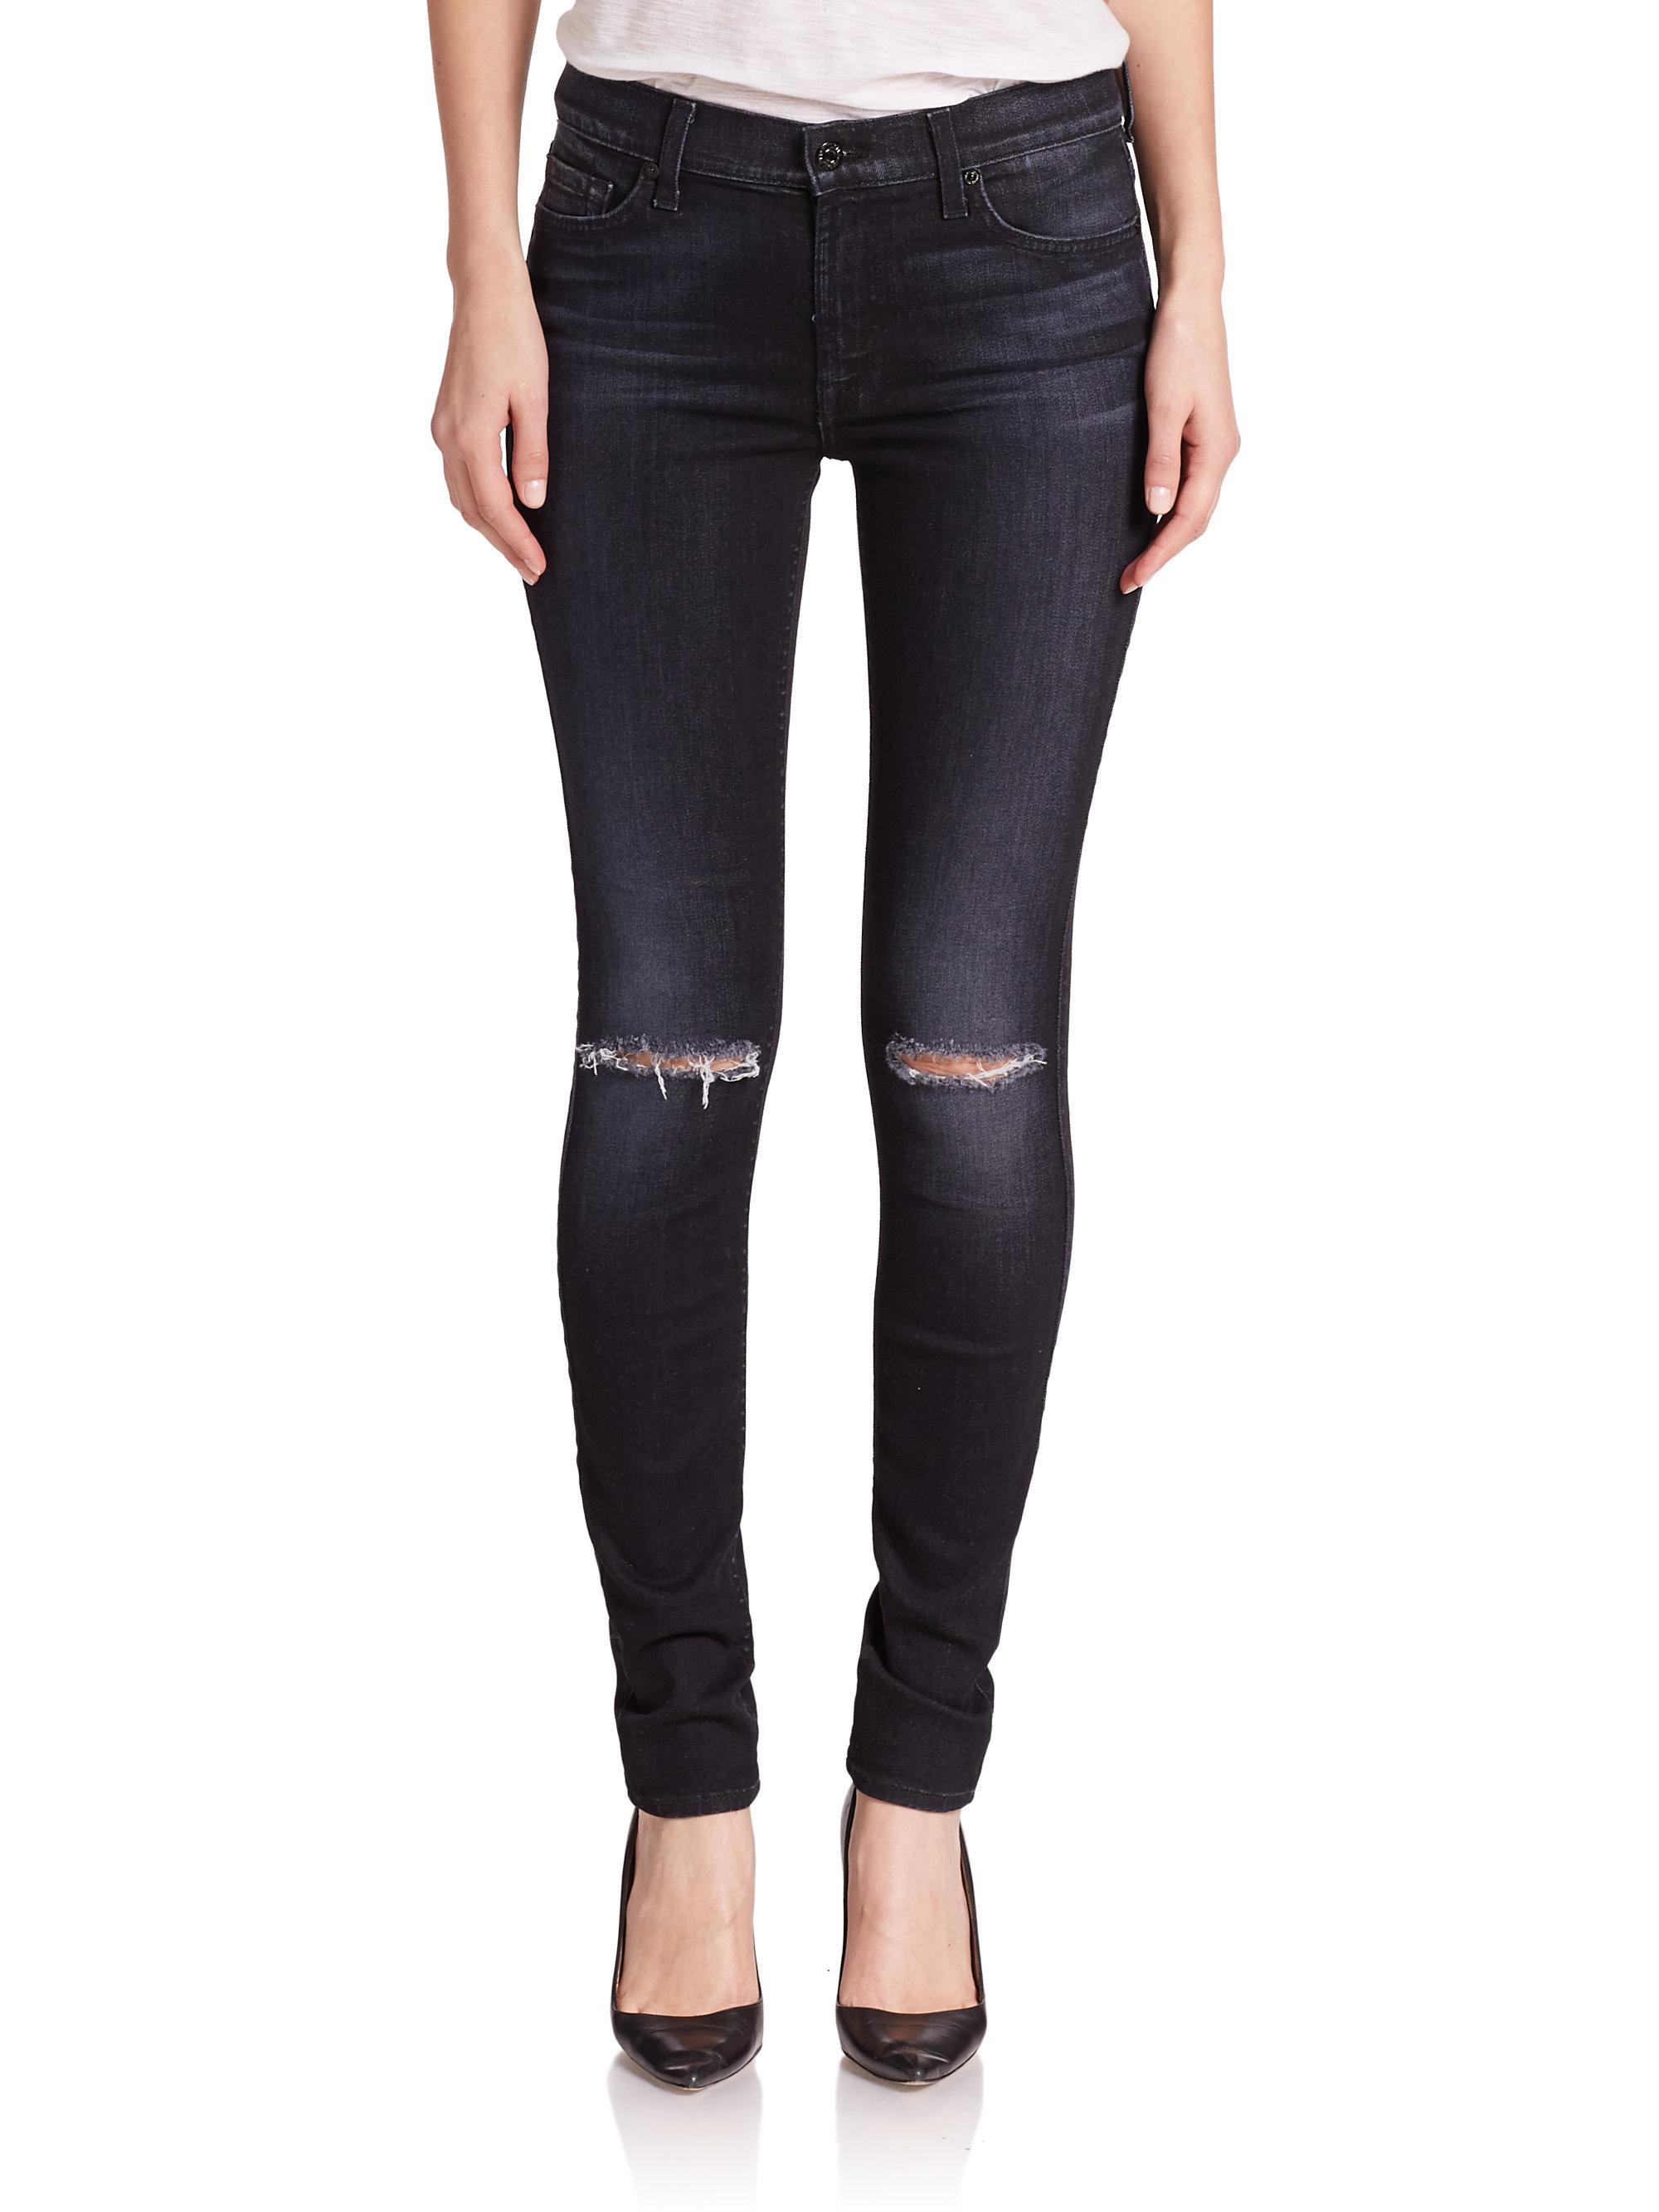 Negro para 7 ajustados desgastados Jeans la humanidad toda v7cOEqWAB